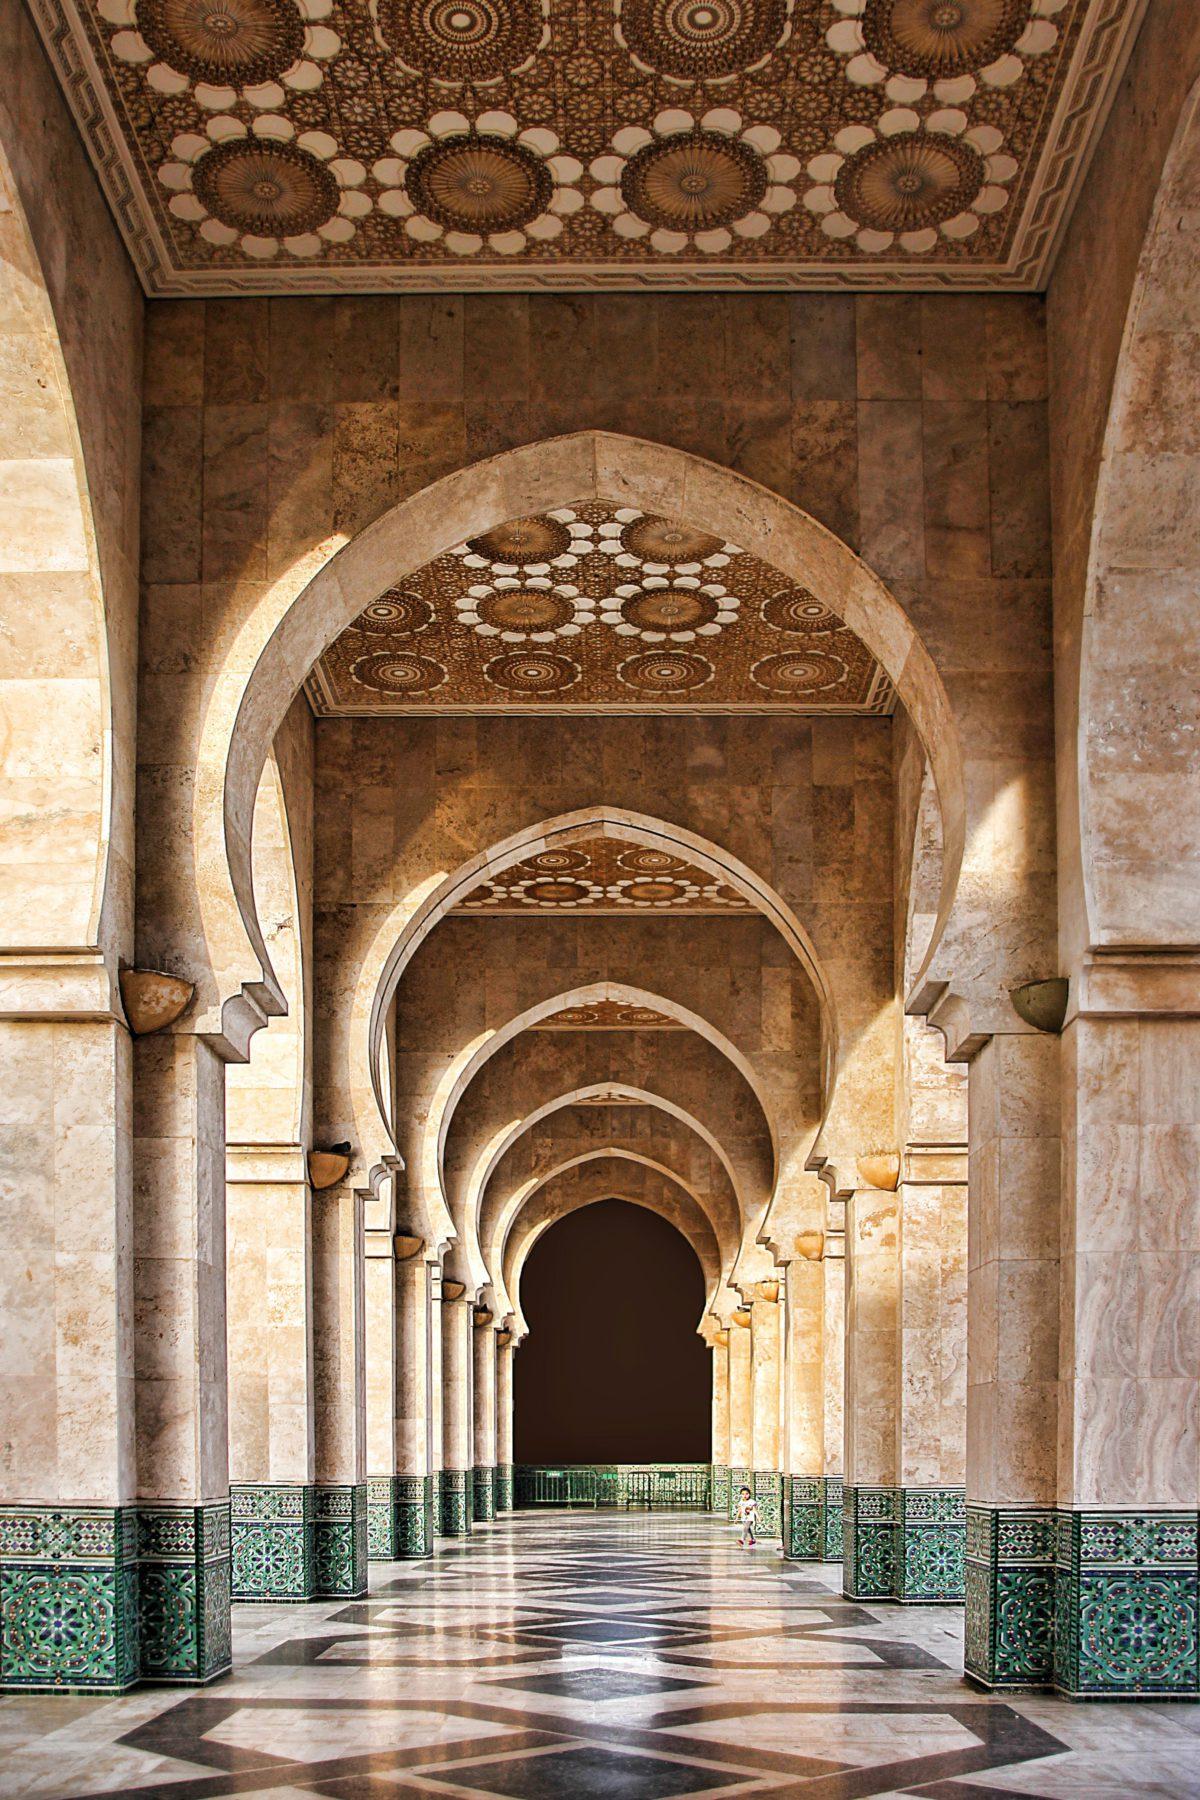 Maroko. Samo przejście pod arkadami jest niezwykłą ucztą dla oka